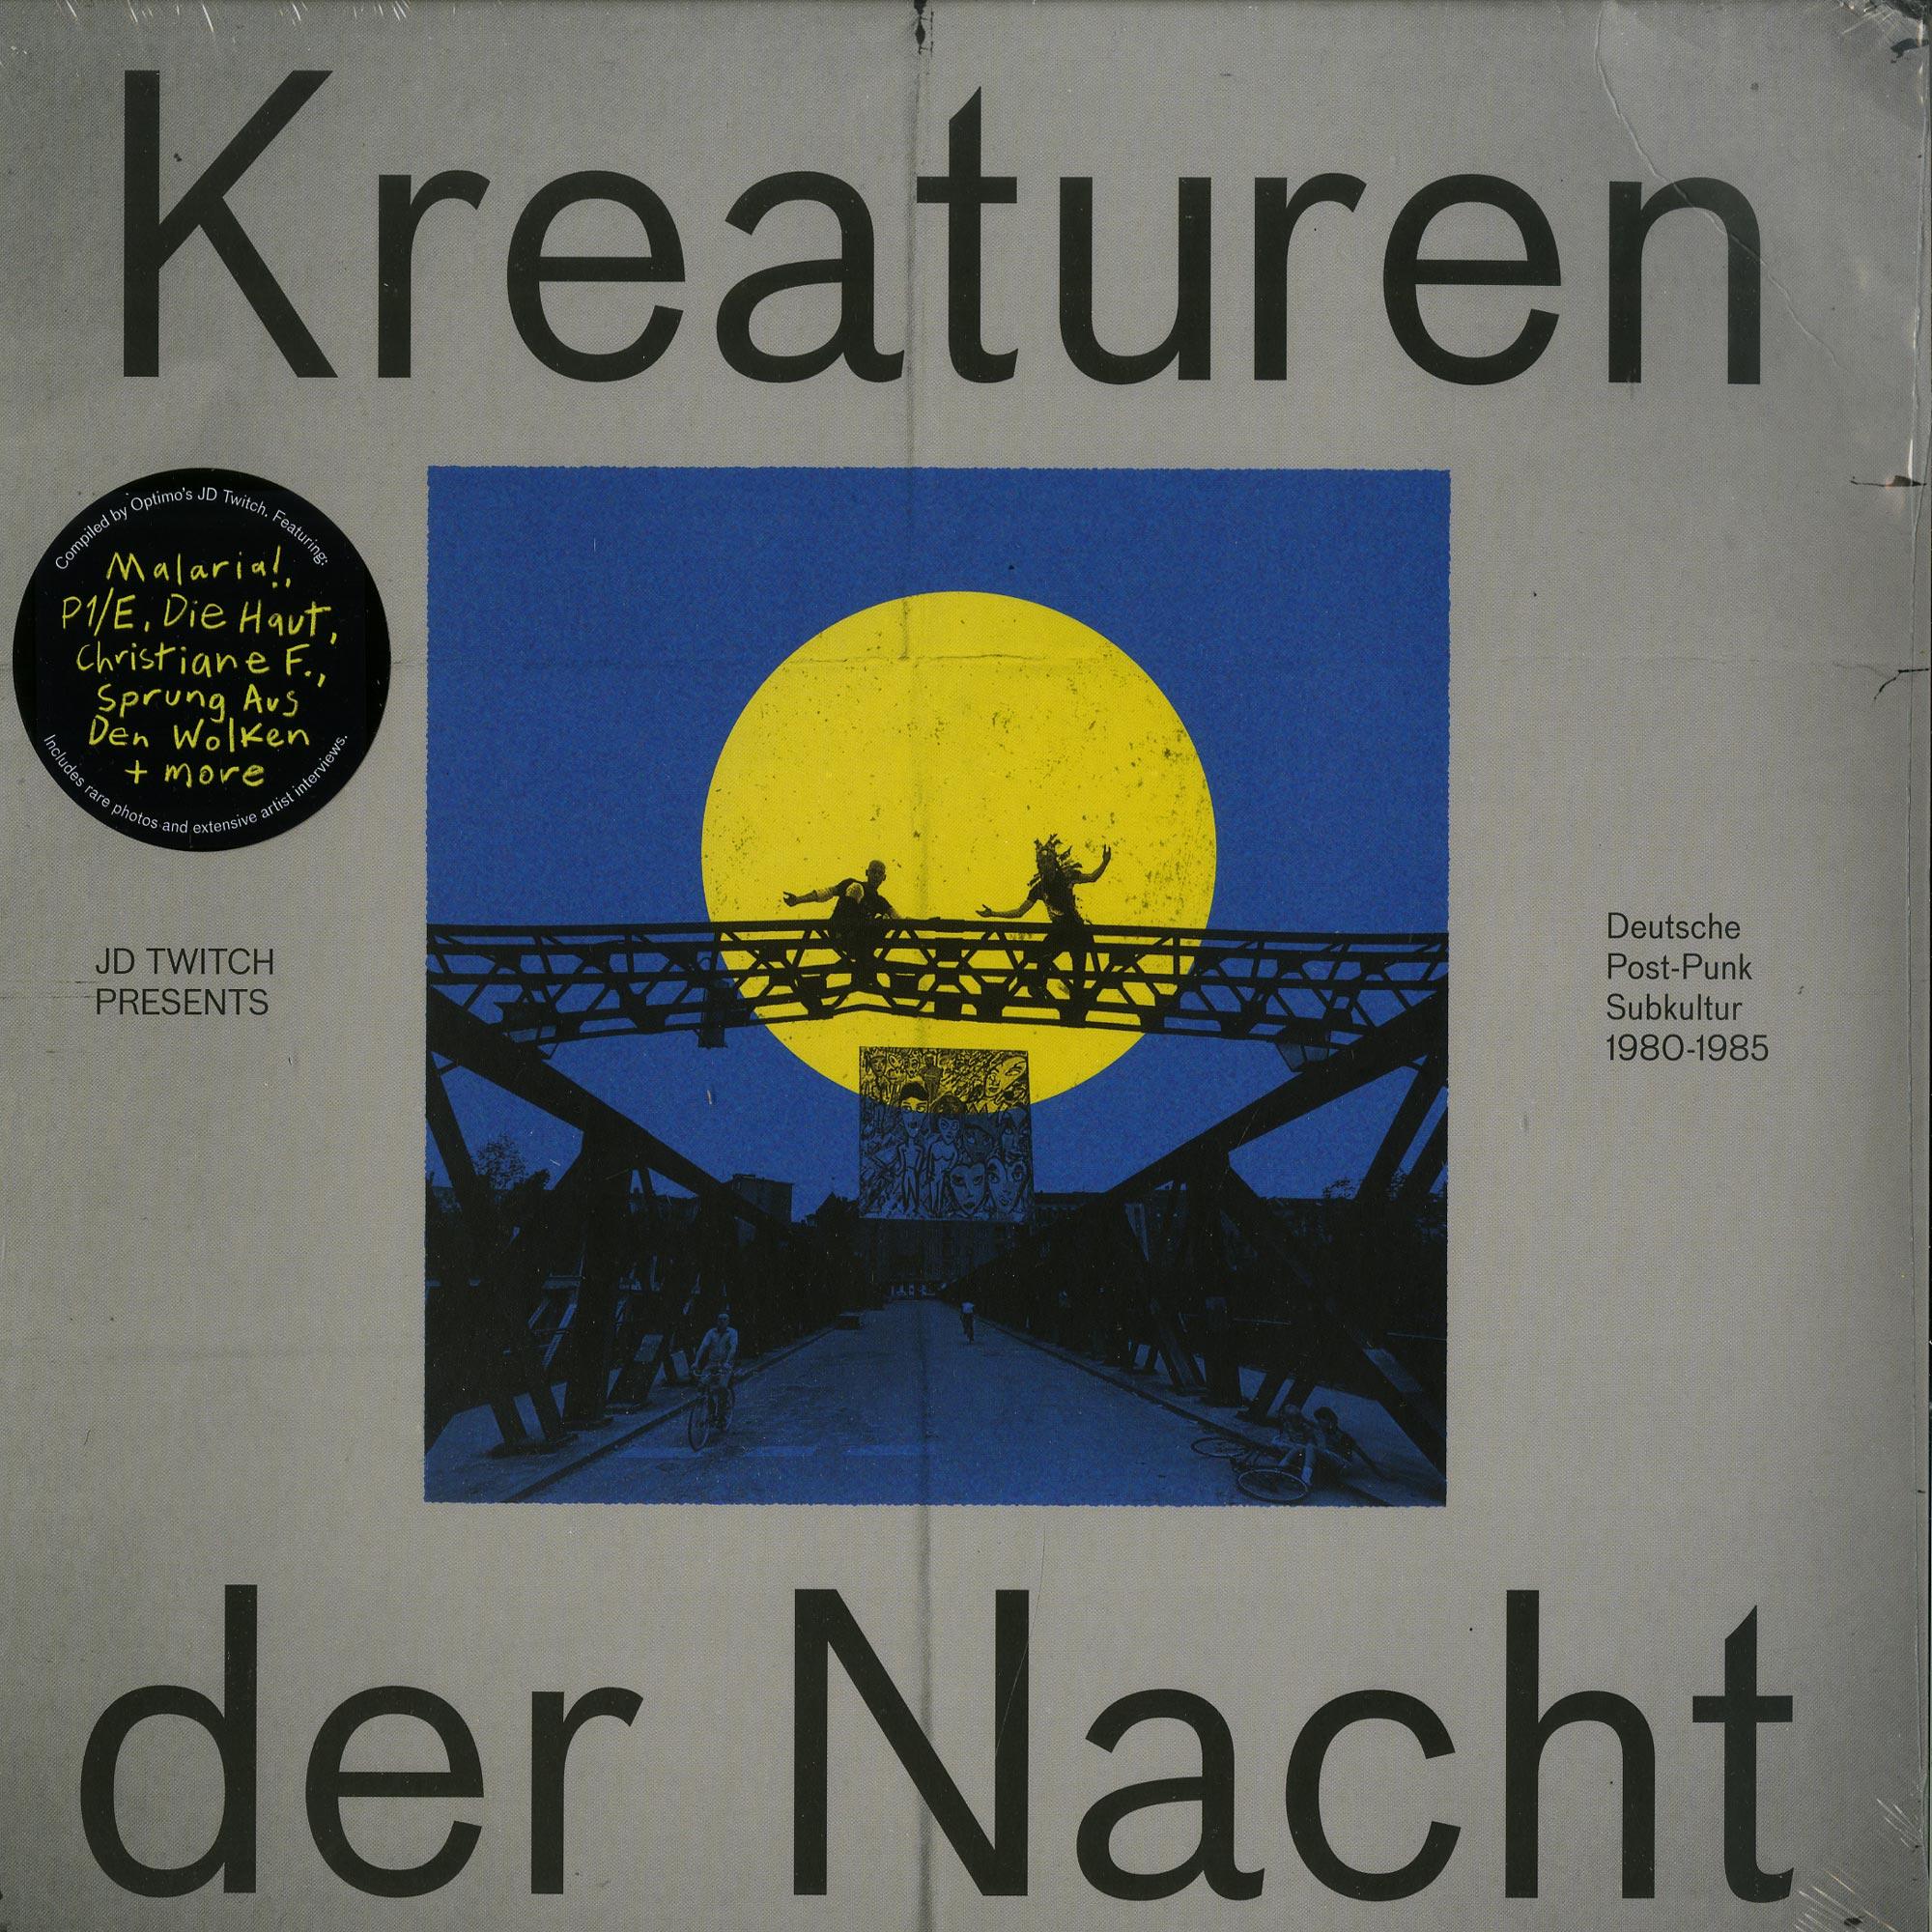 Various Artists - JD TWITCH PRESENTS KREATUREN DER NACHT